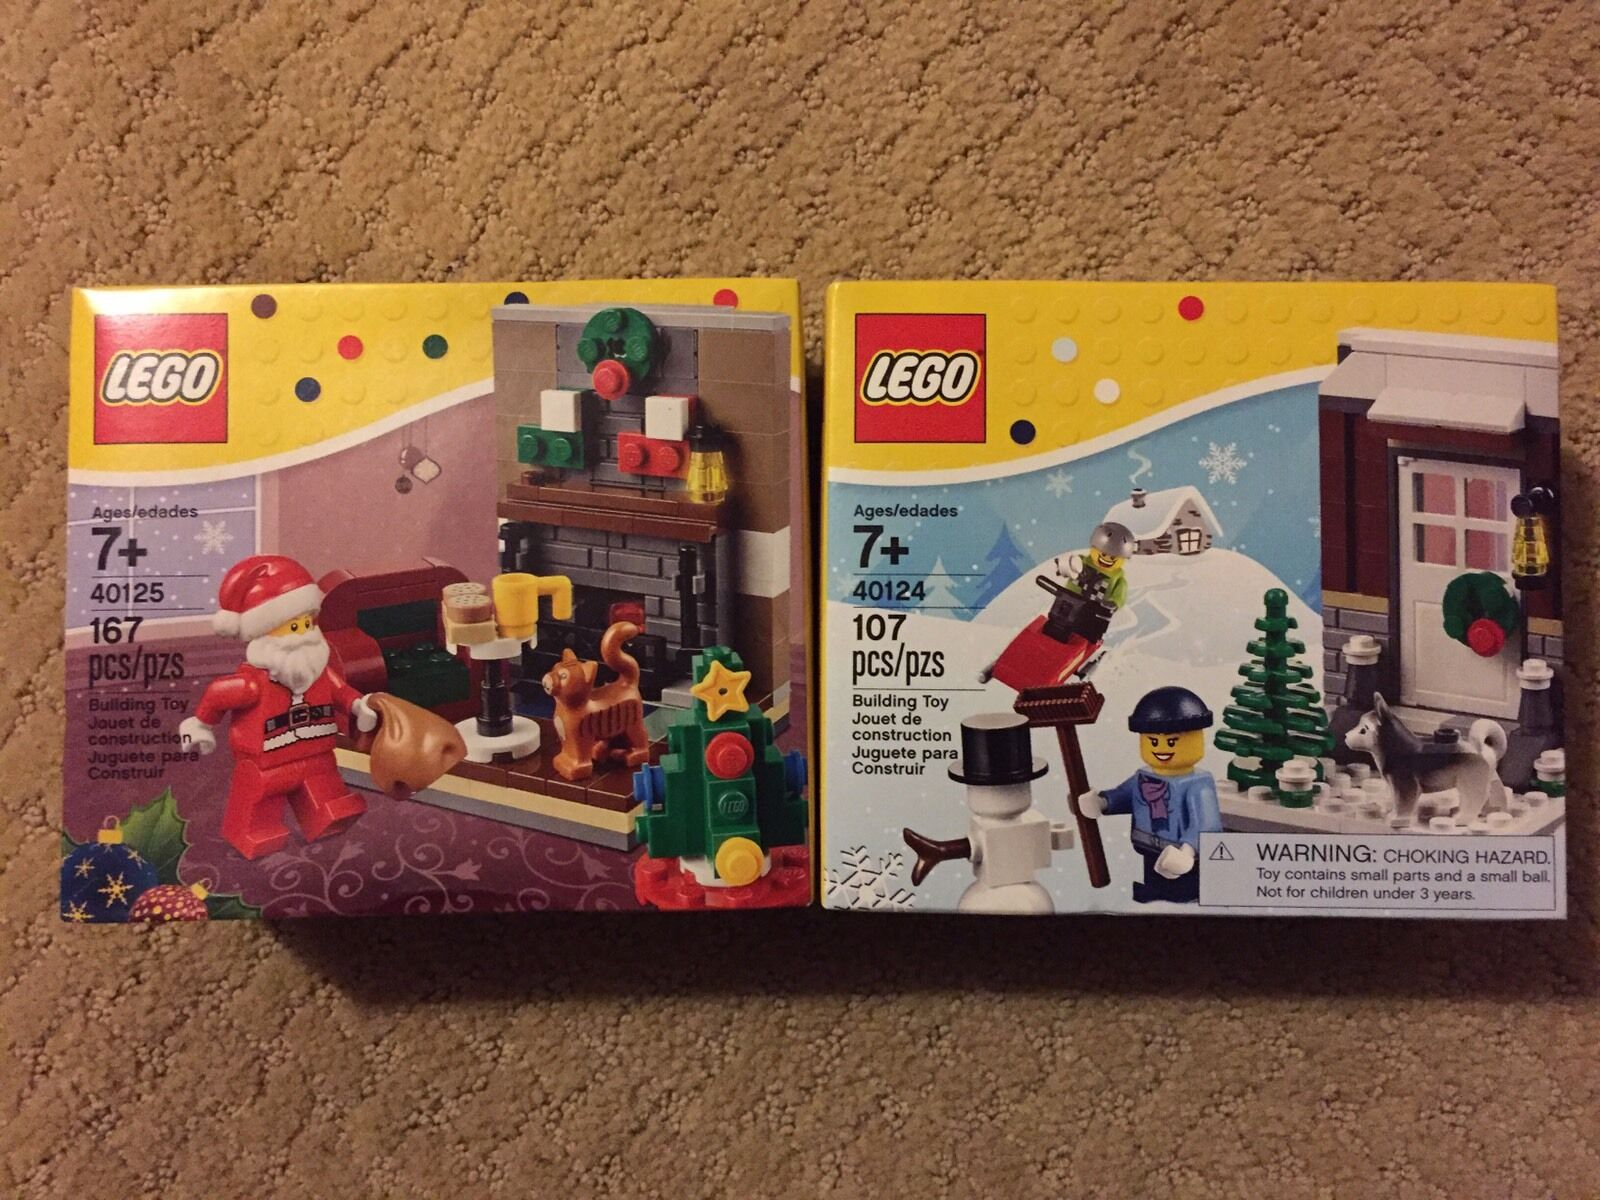 LEGO 40124 Winter divertimento e 40125  Santa's Visit Holiday Sets nuovo  Offriamo vari marchi famosi